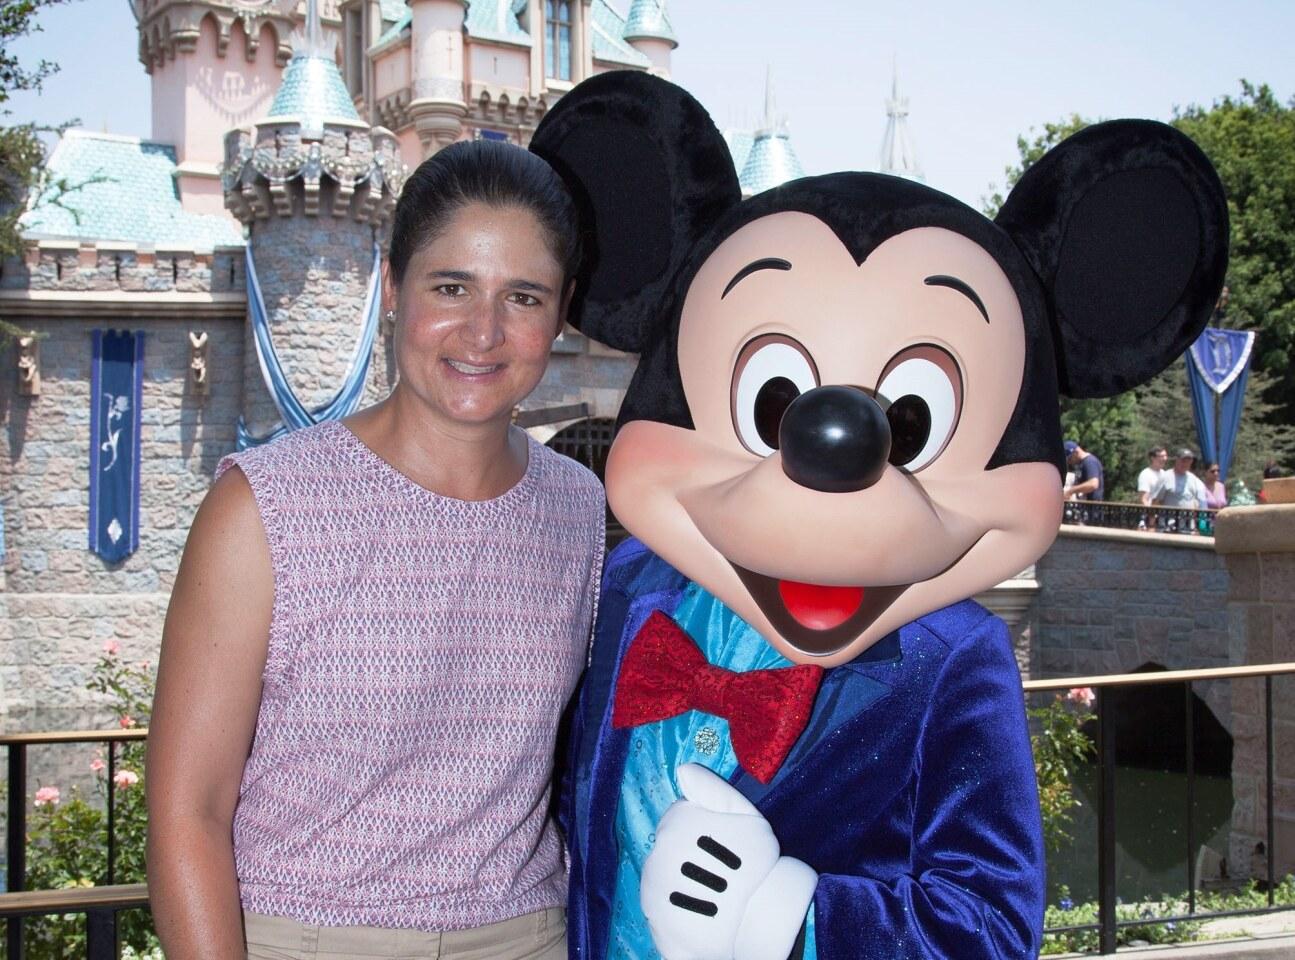 Lorena Ochoa, la mejor golfista mexicana de todo los tiempos, disfrutó junto a su esposo, Andrés Conesa Labastida, CEO de Grupo Aeroméxico, y sus hijos, Pedro (4) y Julia (2), de un día mágico en el Disneyland Resort. La familia Conesa Ochoa, gozó de la compañía de Mickey Mouse durante la Celebración de Diamante en el parque Disneyland en Anaheim, California.